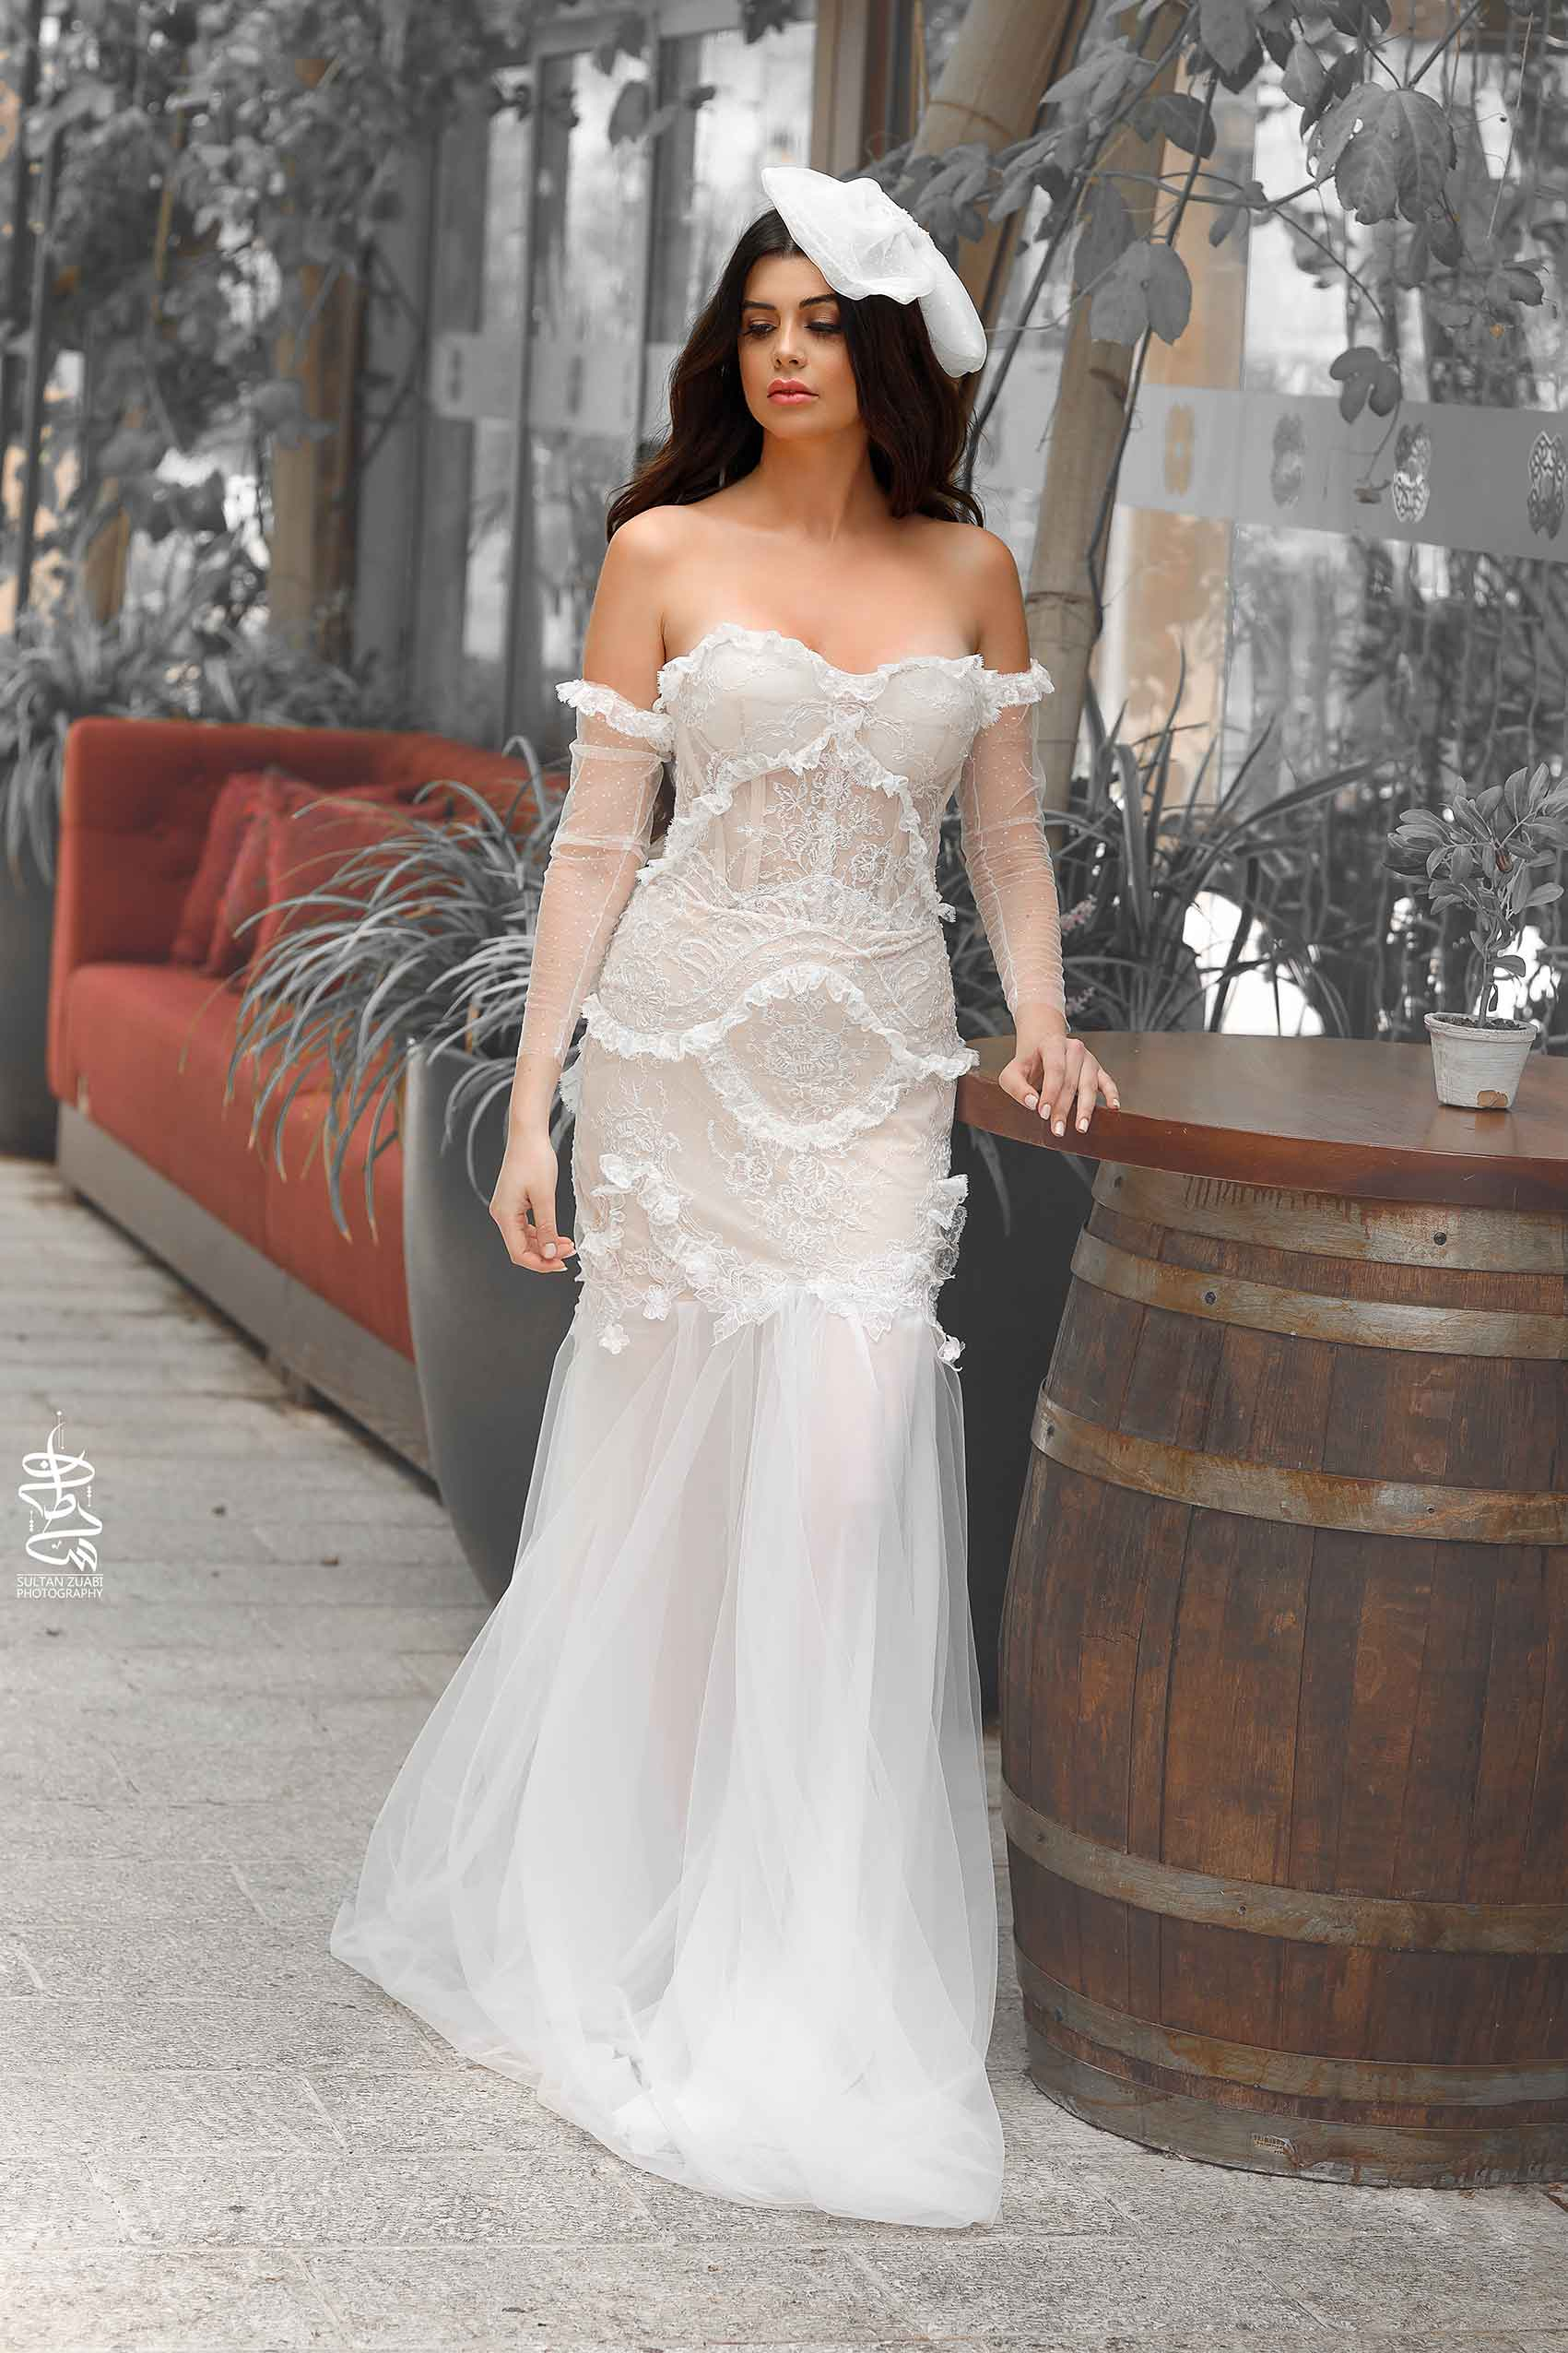 חנאן-אחמד-קולקציית-שמלות-כלה-קיץ-2020-מגזין-אופנה-16123